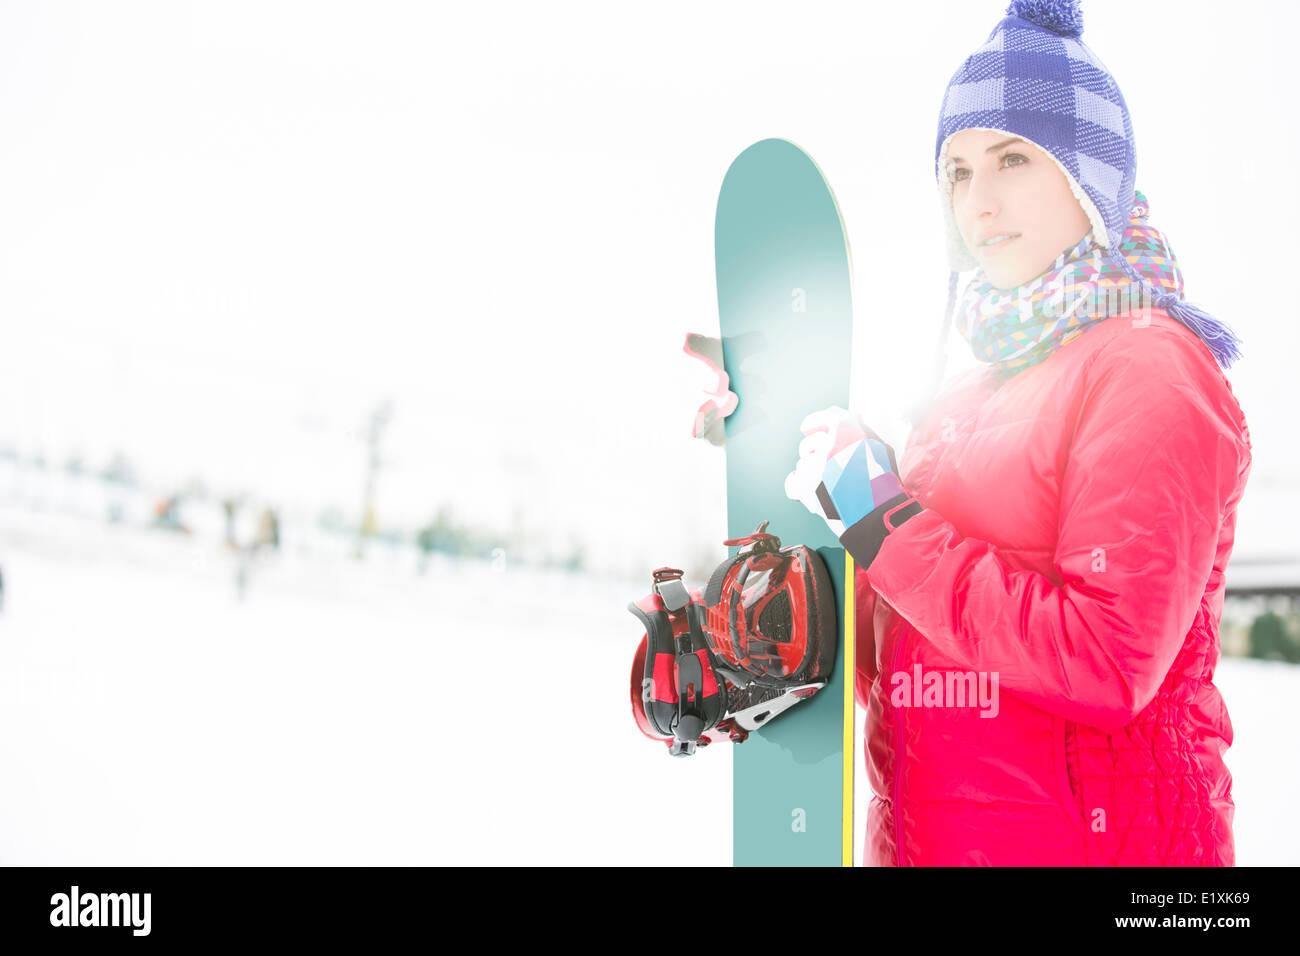 Schöne junge Frau in warme Kleidung hält Snowboard im winter Stockbild